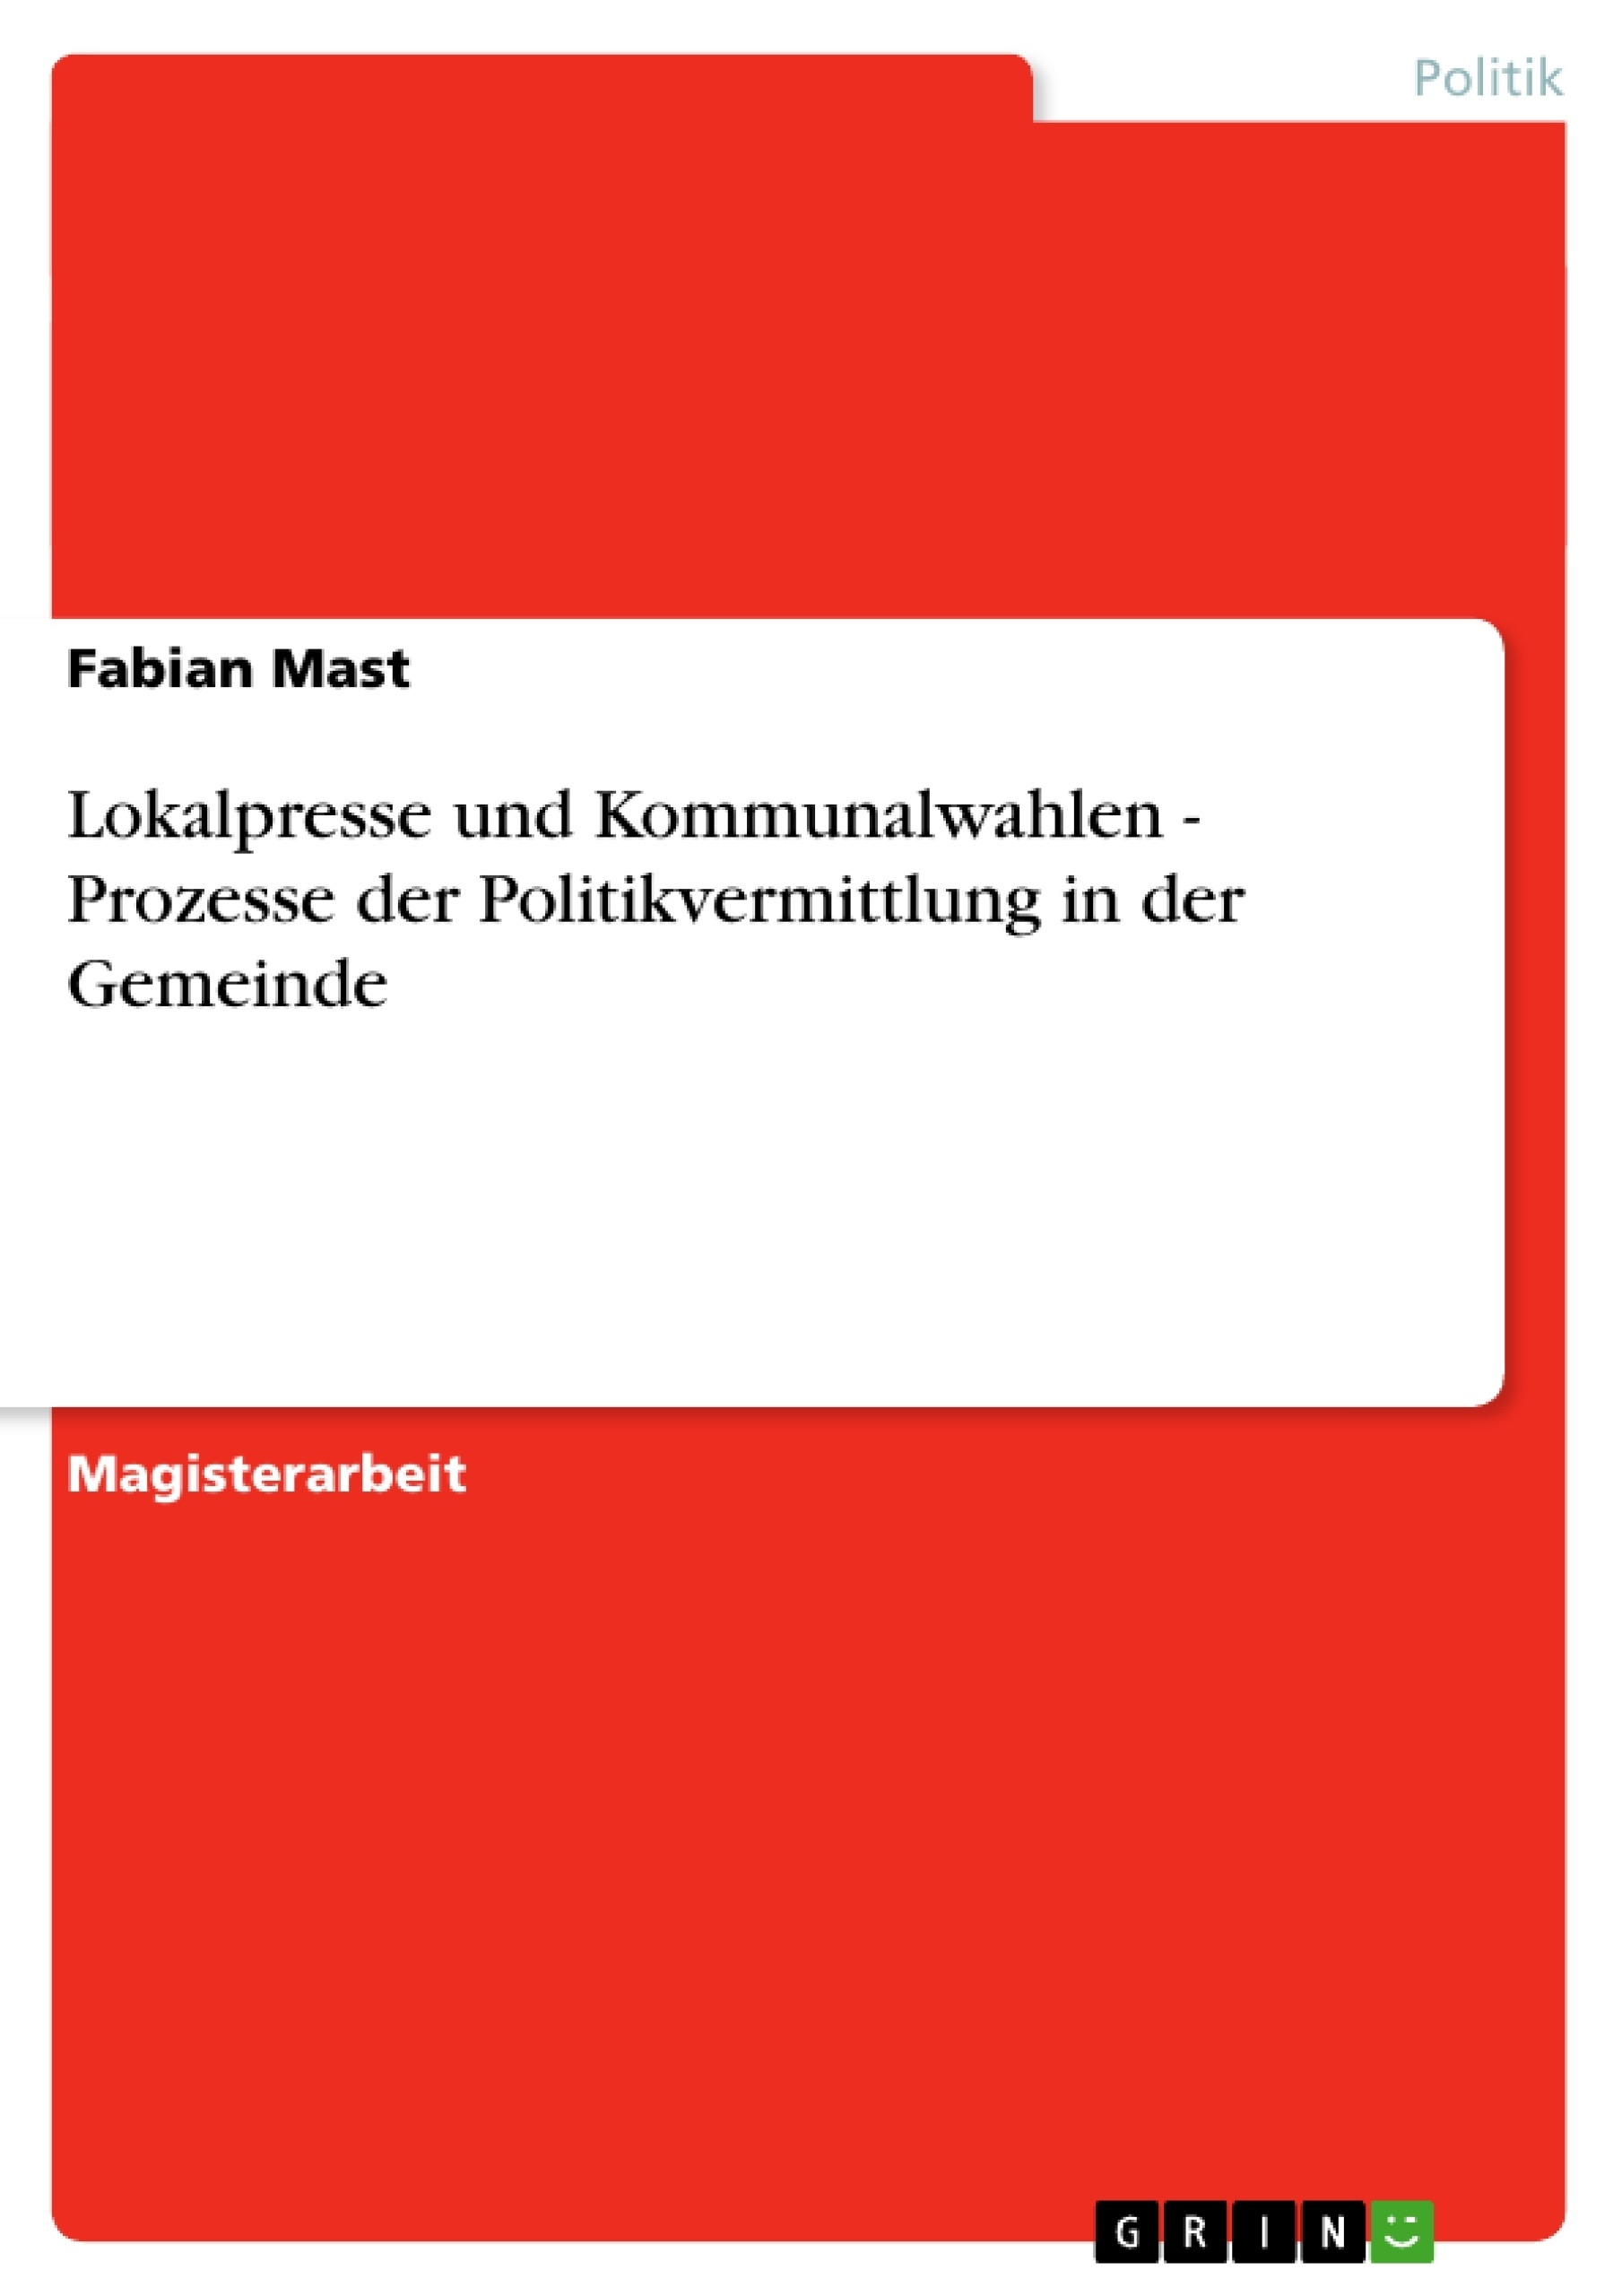 Titel: Lokalpresse und Kommunalwahlen - Prozesse der Politikvermittlung in der Gemeinde